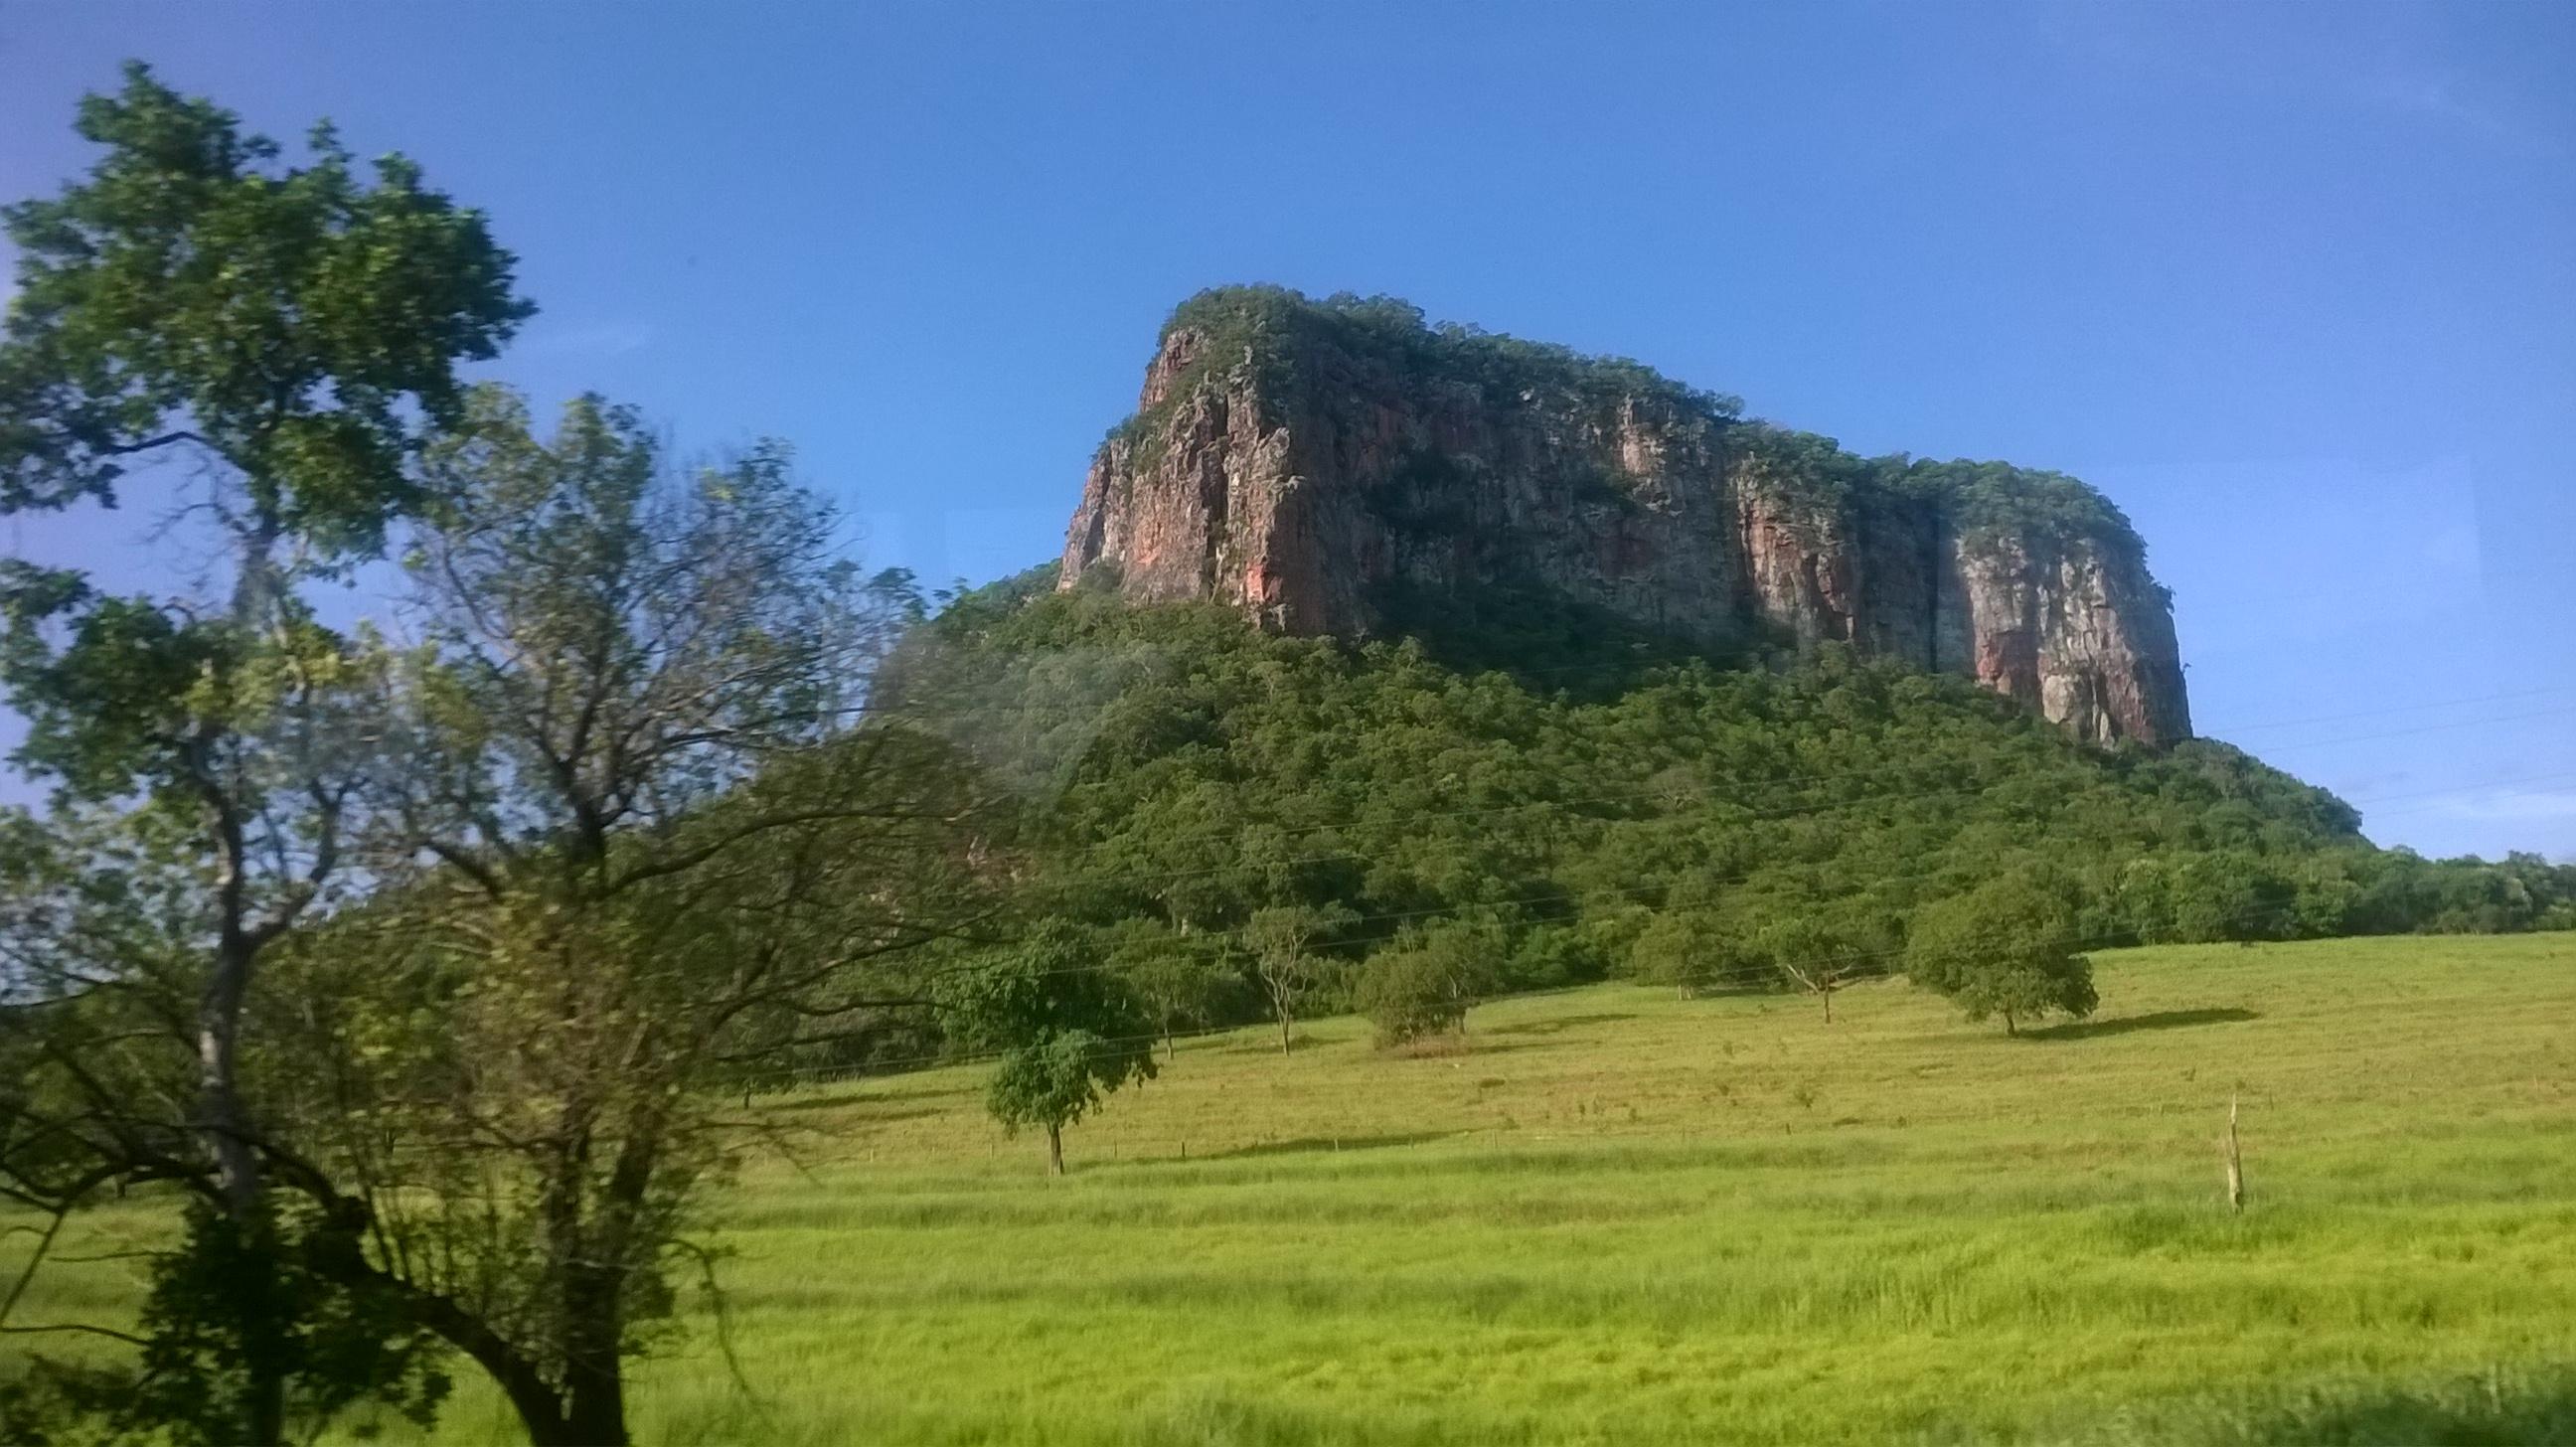 Aquidauana Mato Grosso do Sul fonte: upload.wikimedia.org